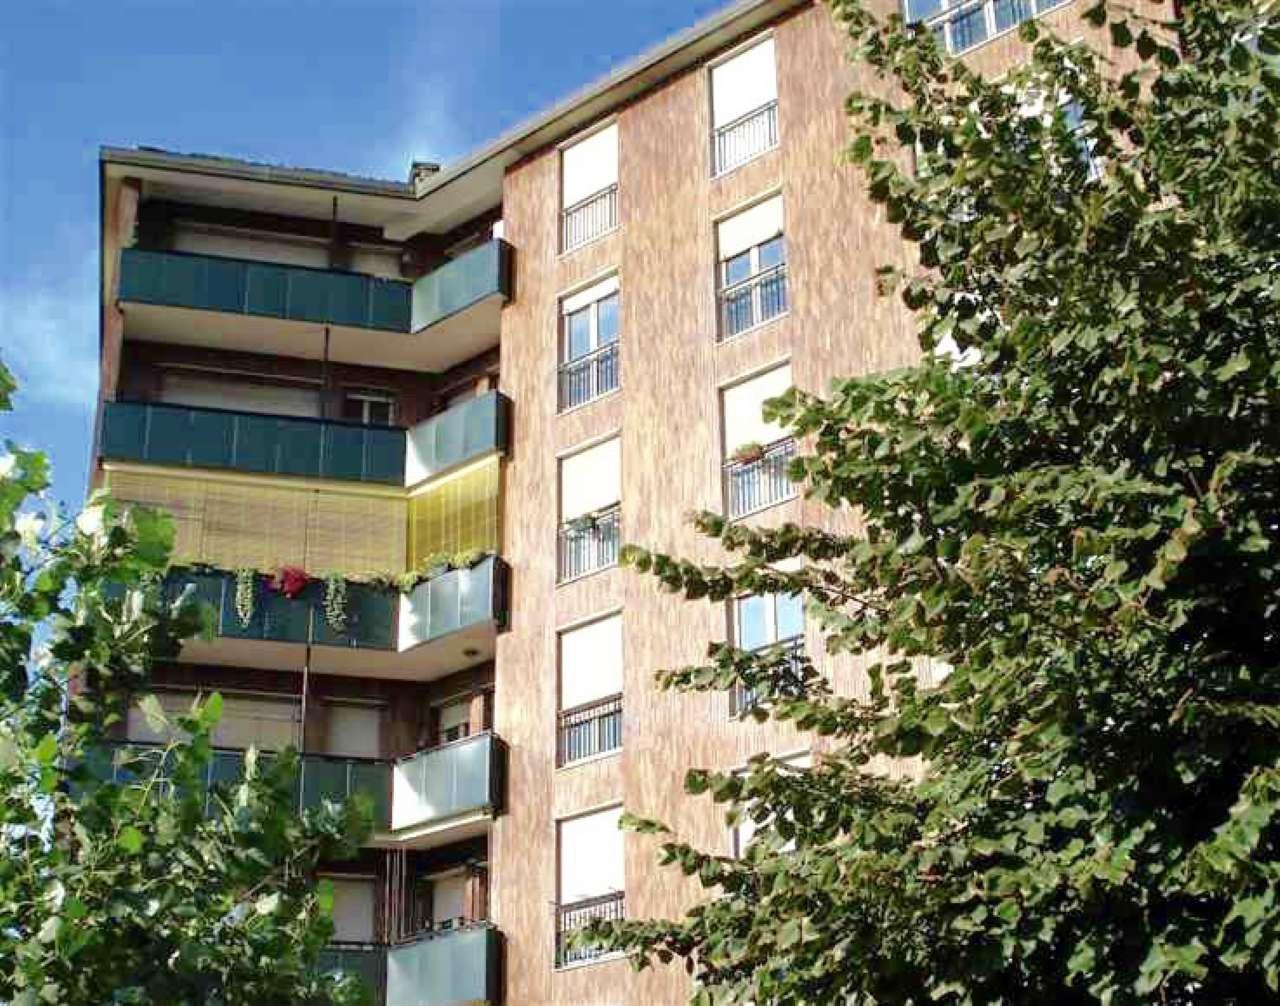 Appartamento in Vendita a Milano 17 Marghera / Wagner / Fiera:  4 locali, 150 mq  - Foto 1